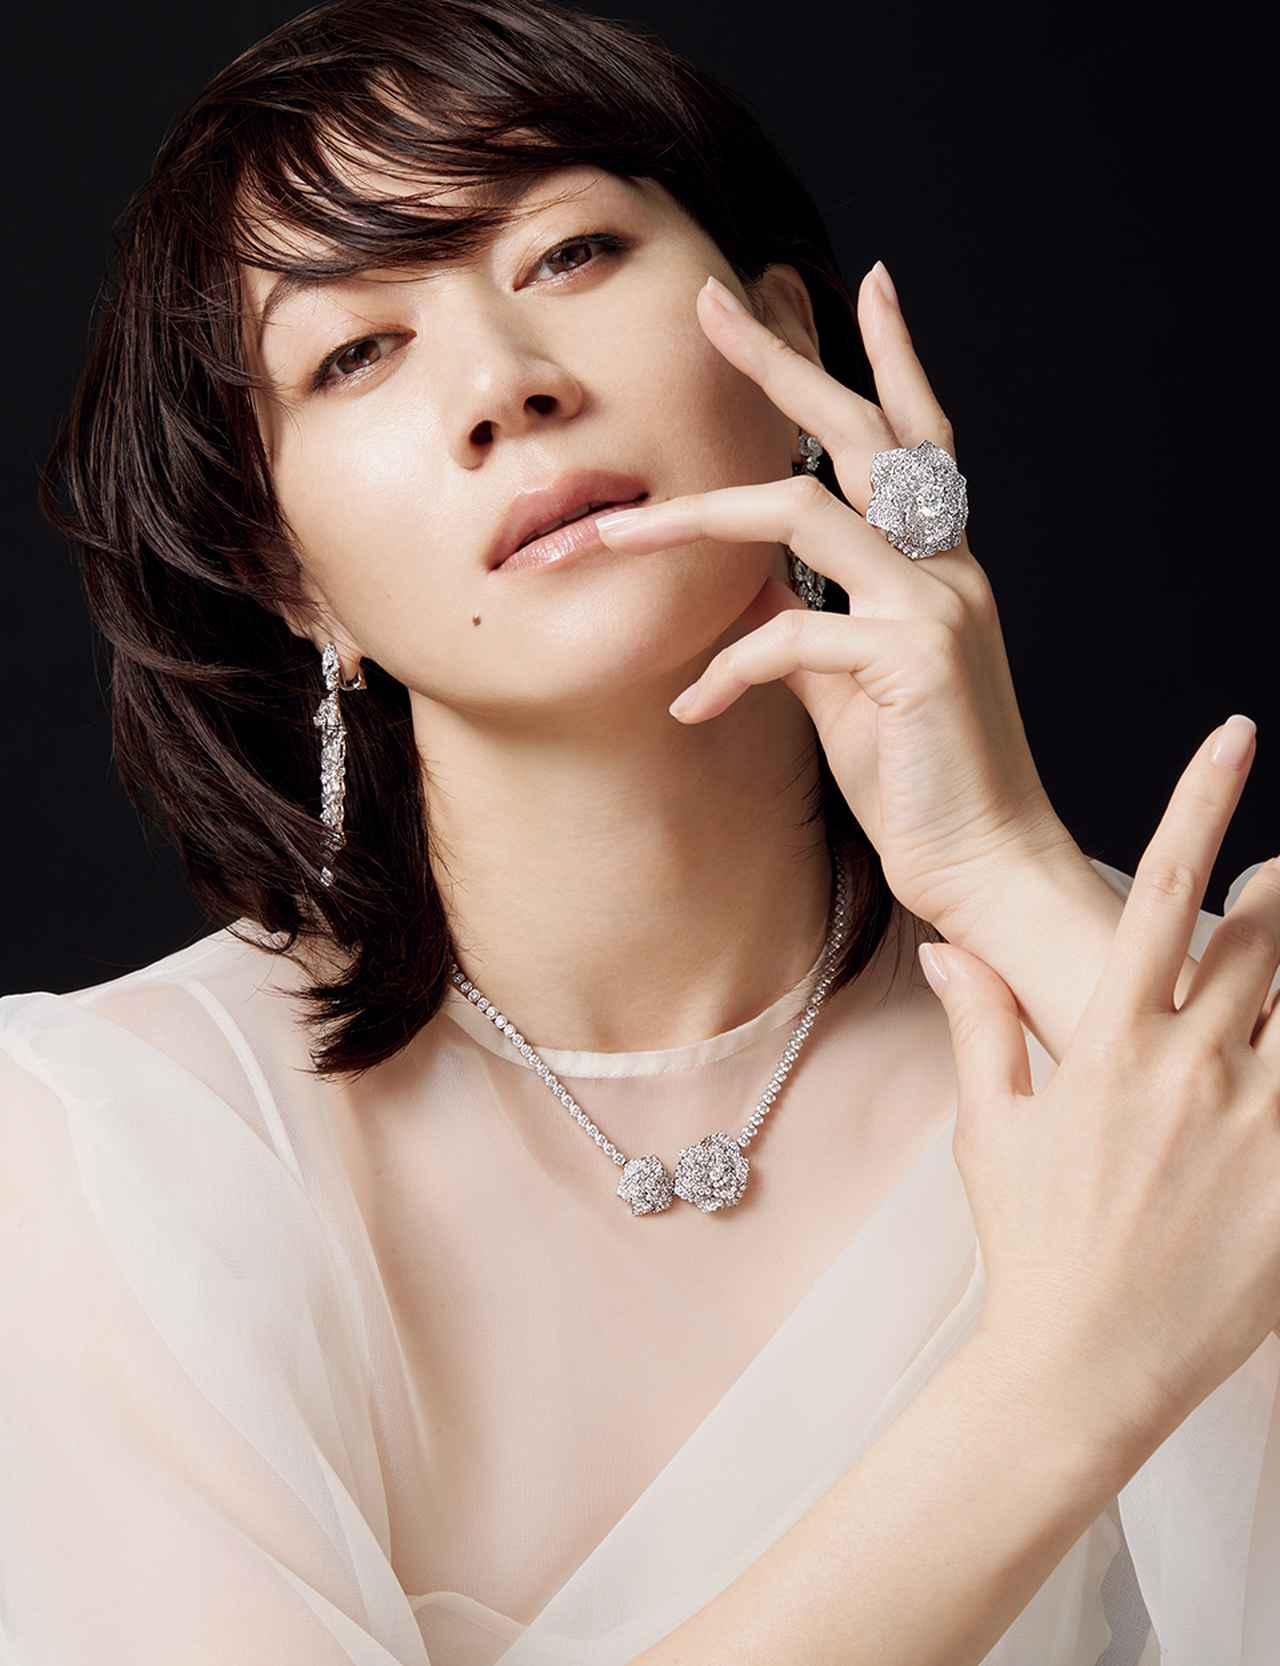 Images : 2番目の画像 - 「凰稀かなめ、奇跡の煌めき」のアルバム - T JAPAN:The New York Times Style Magazine 公式サイト